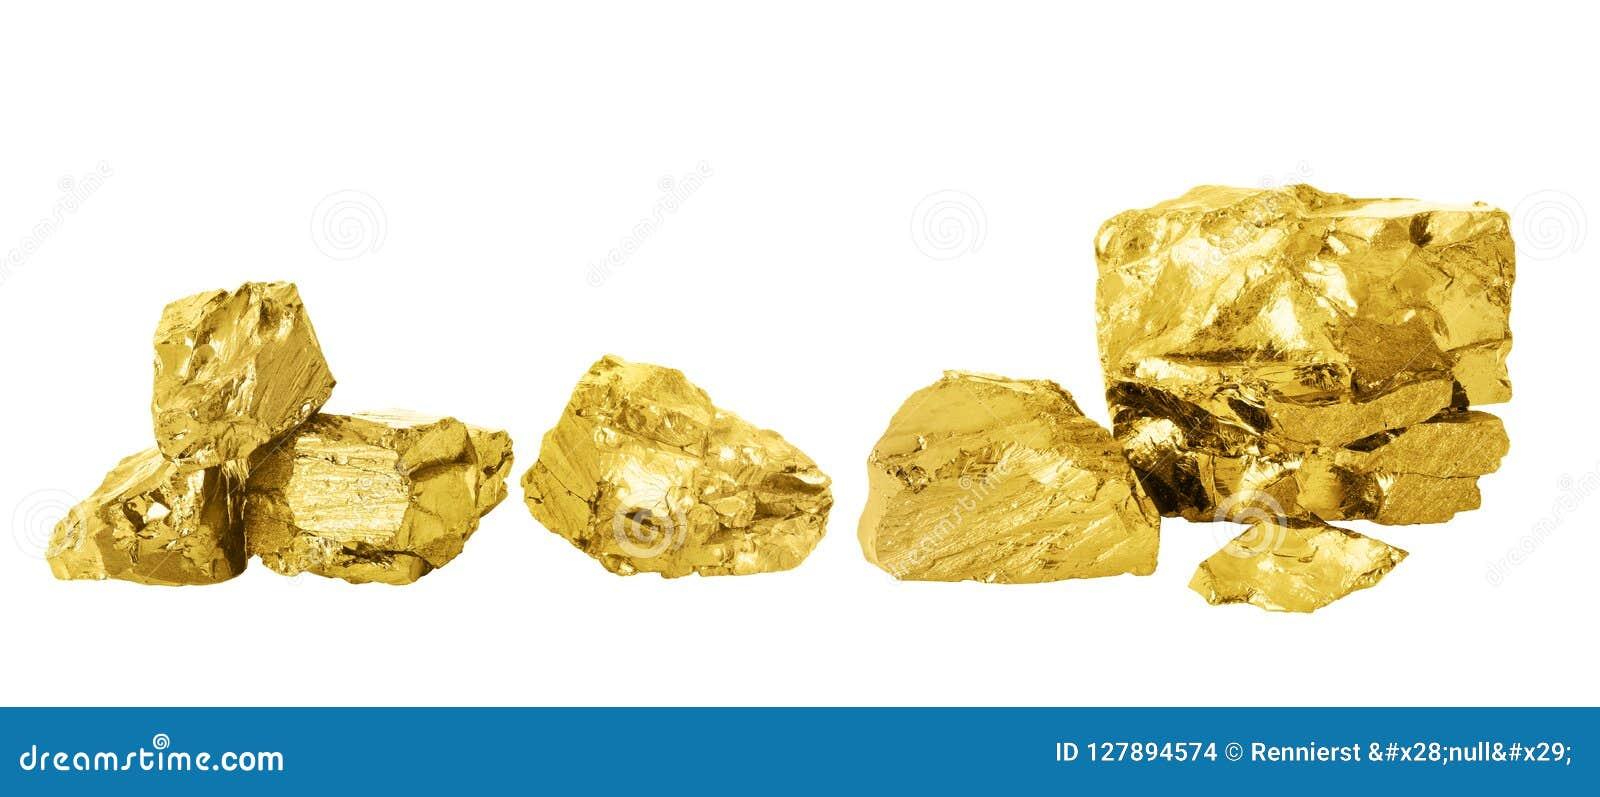 Χρυσό σύνολο ψηγμάτων